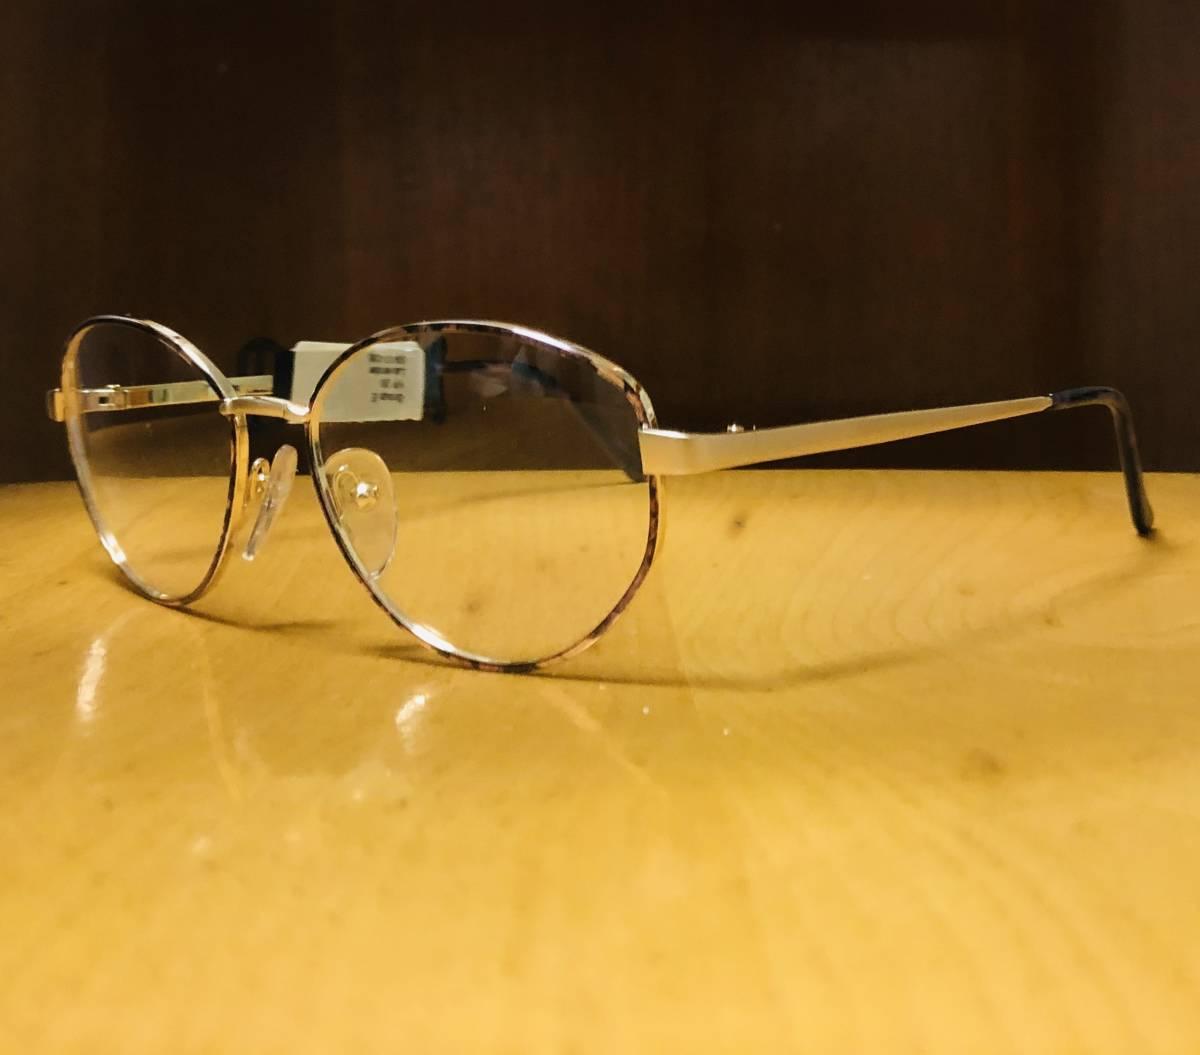 【1980年代/新品】 宝石柄 ピンク紫 アメリカンオプティカル AO American Optical メガネ 米国ブランド ビンテージ / ヴィンテージ_画像4